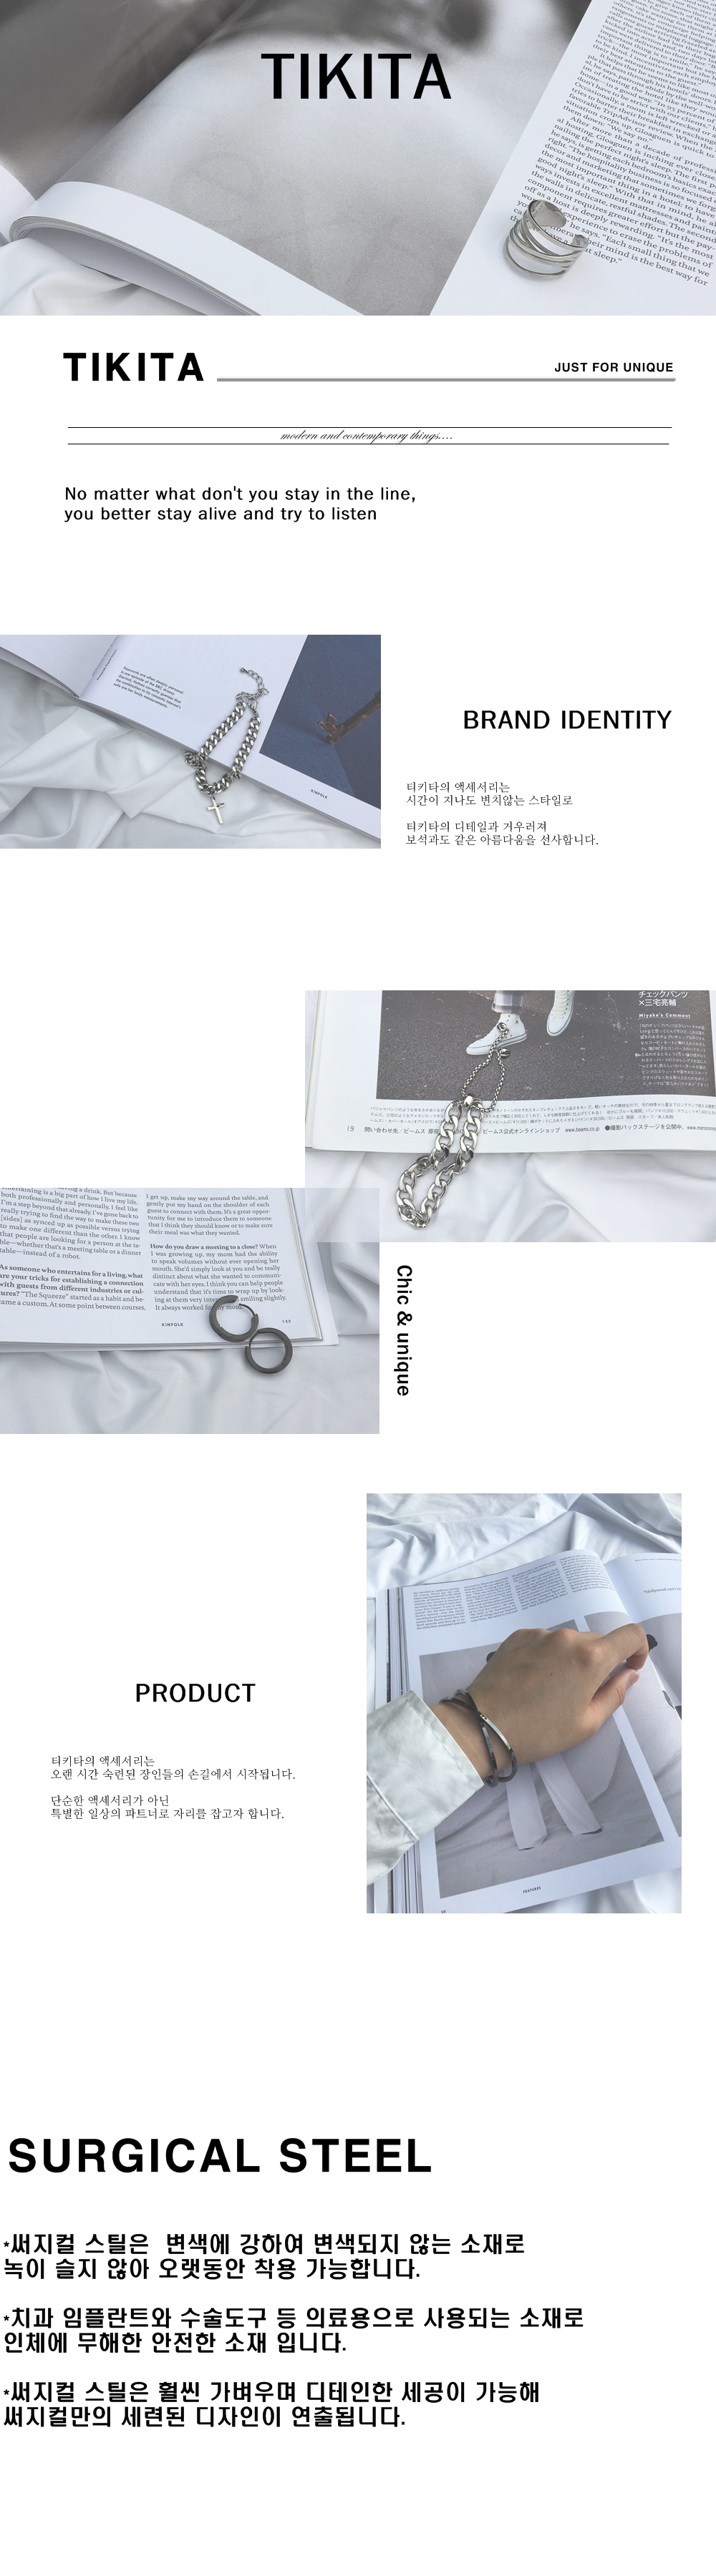 남자 패션 반지 써지컬 스틸 학생 체인 spring ring - 티키타, 20,900원, 남성주얼리, 반지